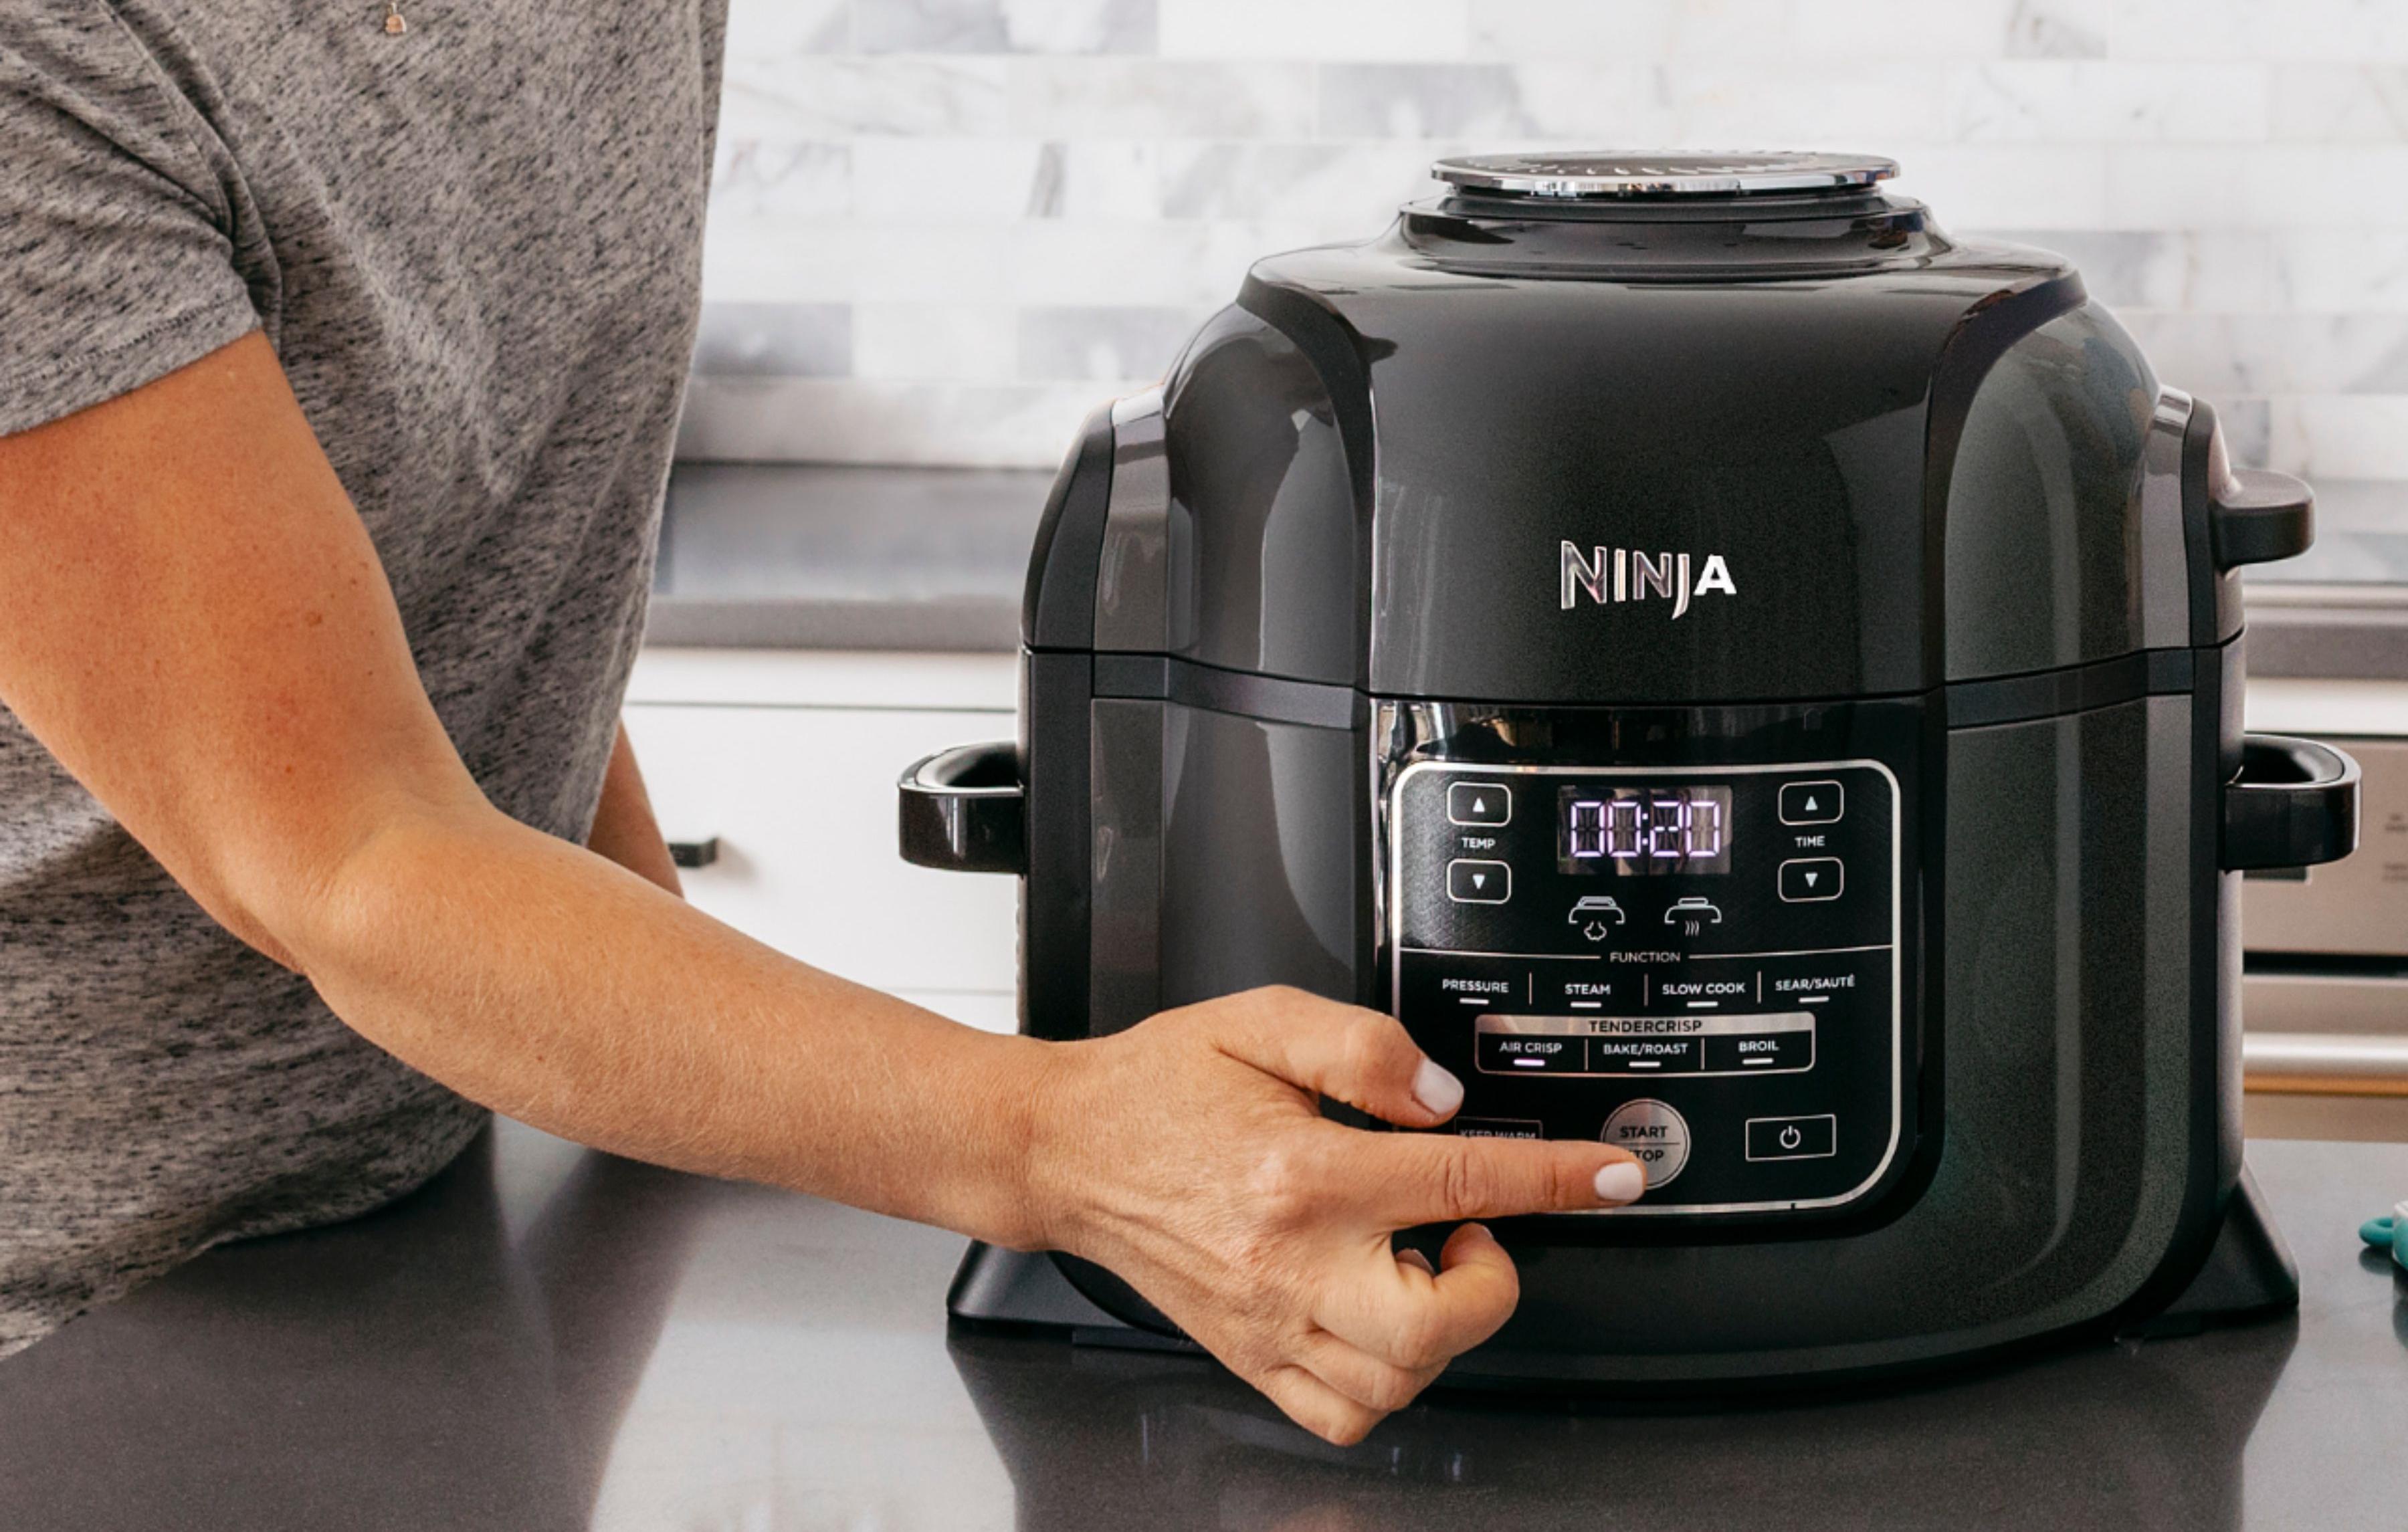 Ninja - Foodi™ 6.5qt Digital Multi Cooker - Black